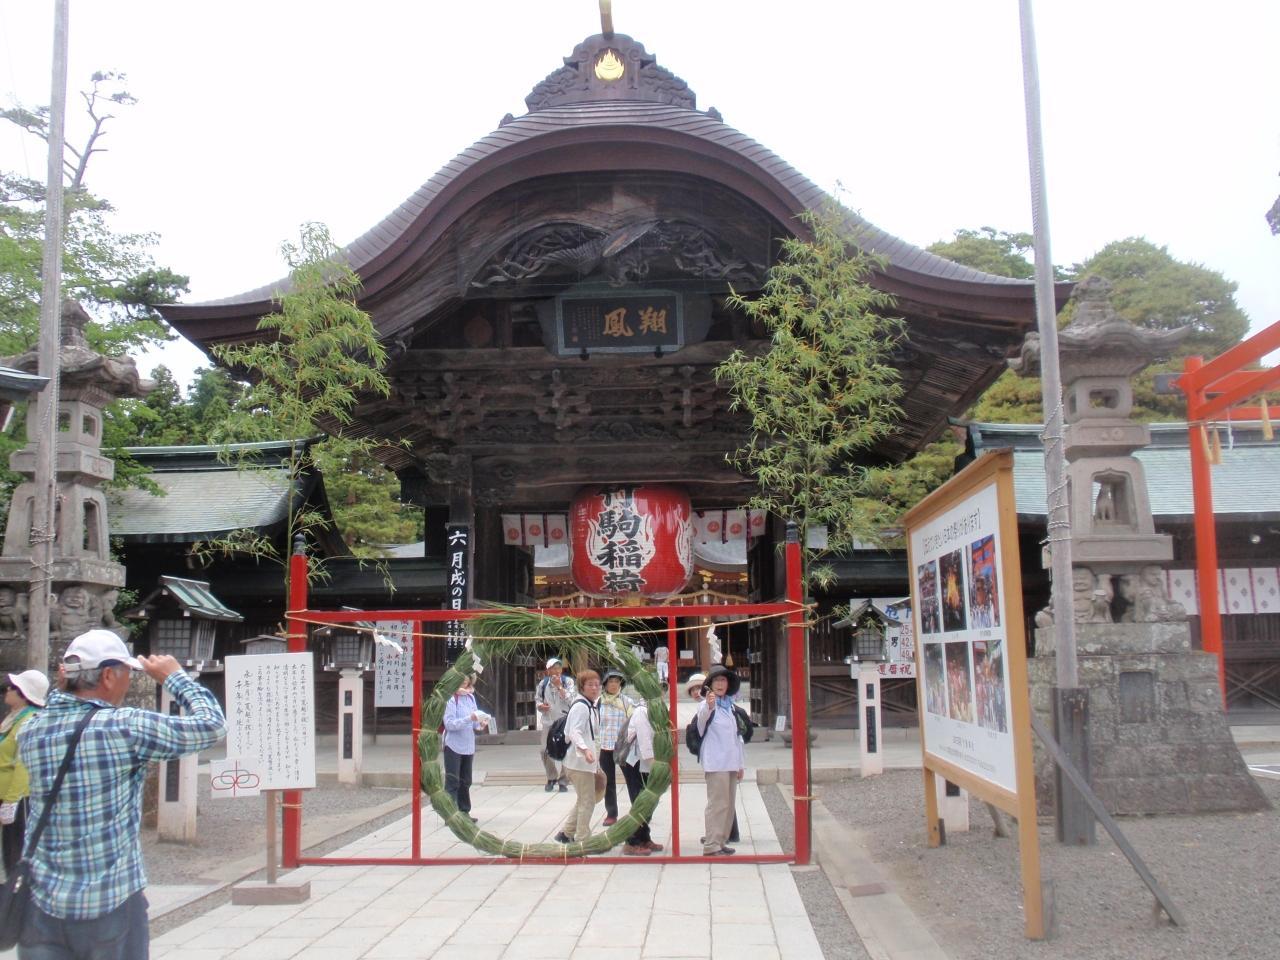 伊達吉村の画像 p1_33